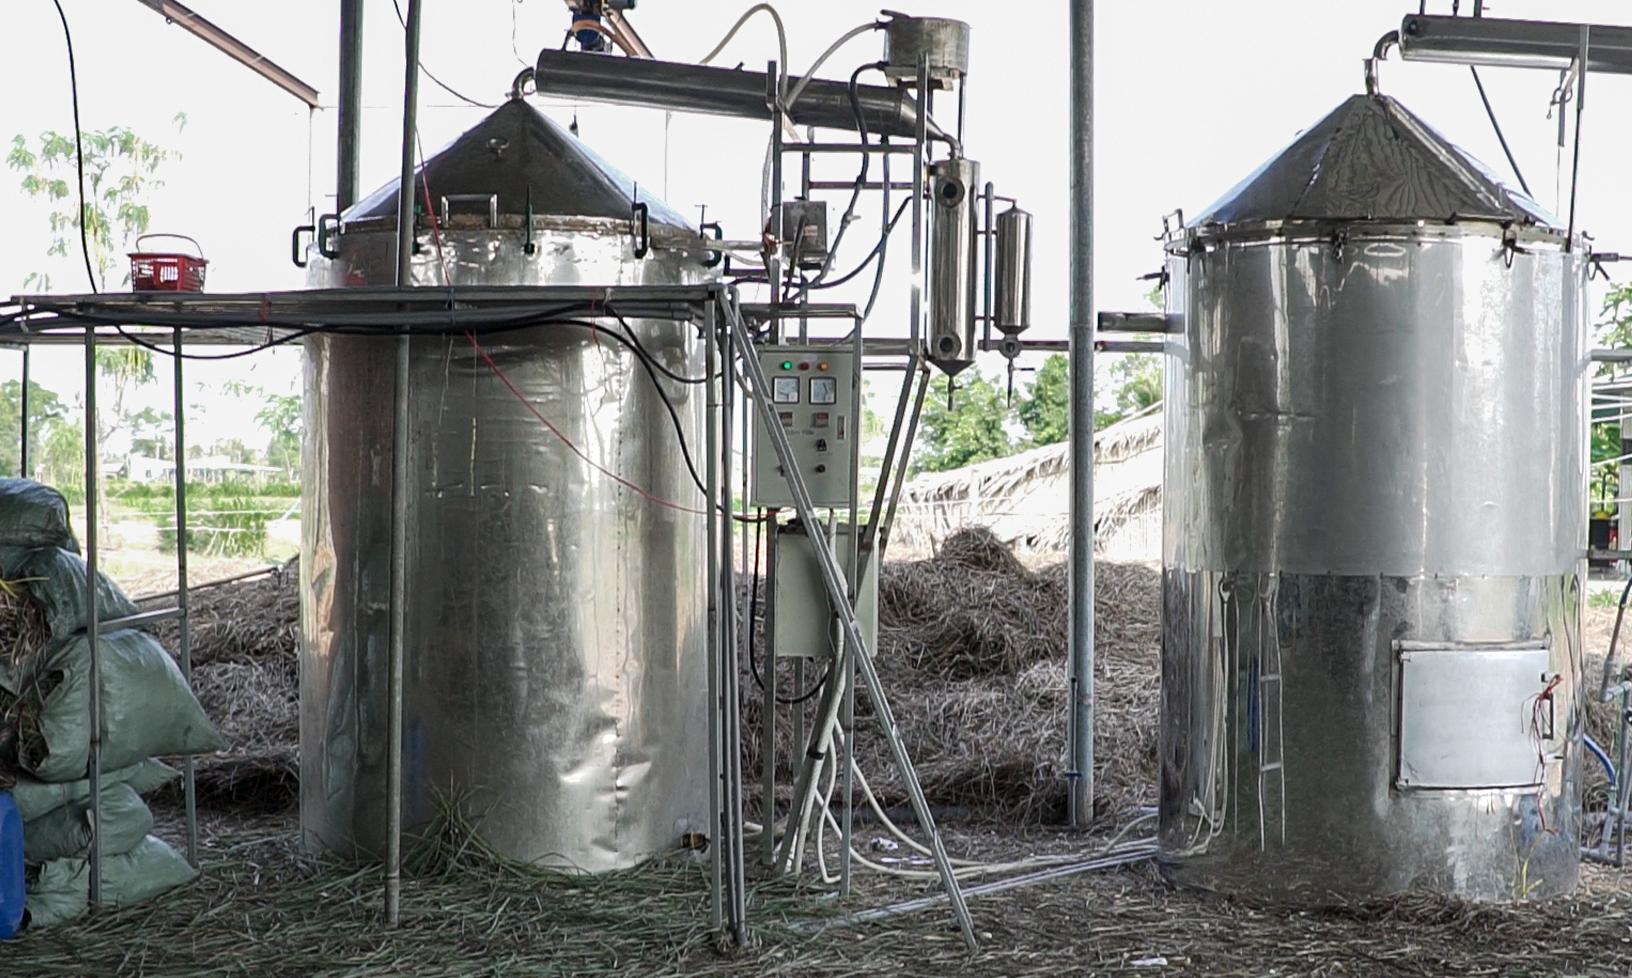 Tinh dầu hoa Sen Trắng 100ml Mộc Mây - tinh dầu thiên nhiên nguyên chất 100% - chất lượng và mùi hương vượt trội - Có kiểm định 21